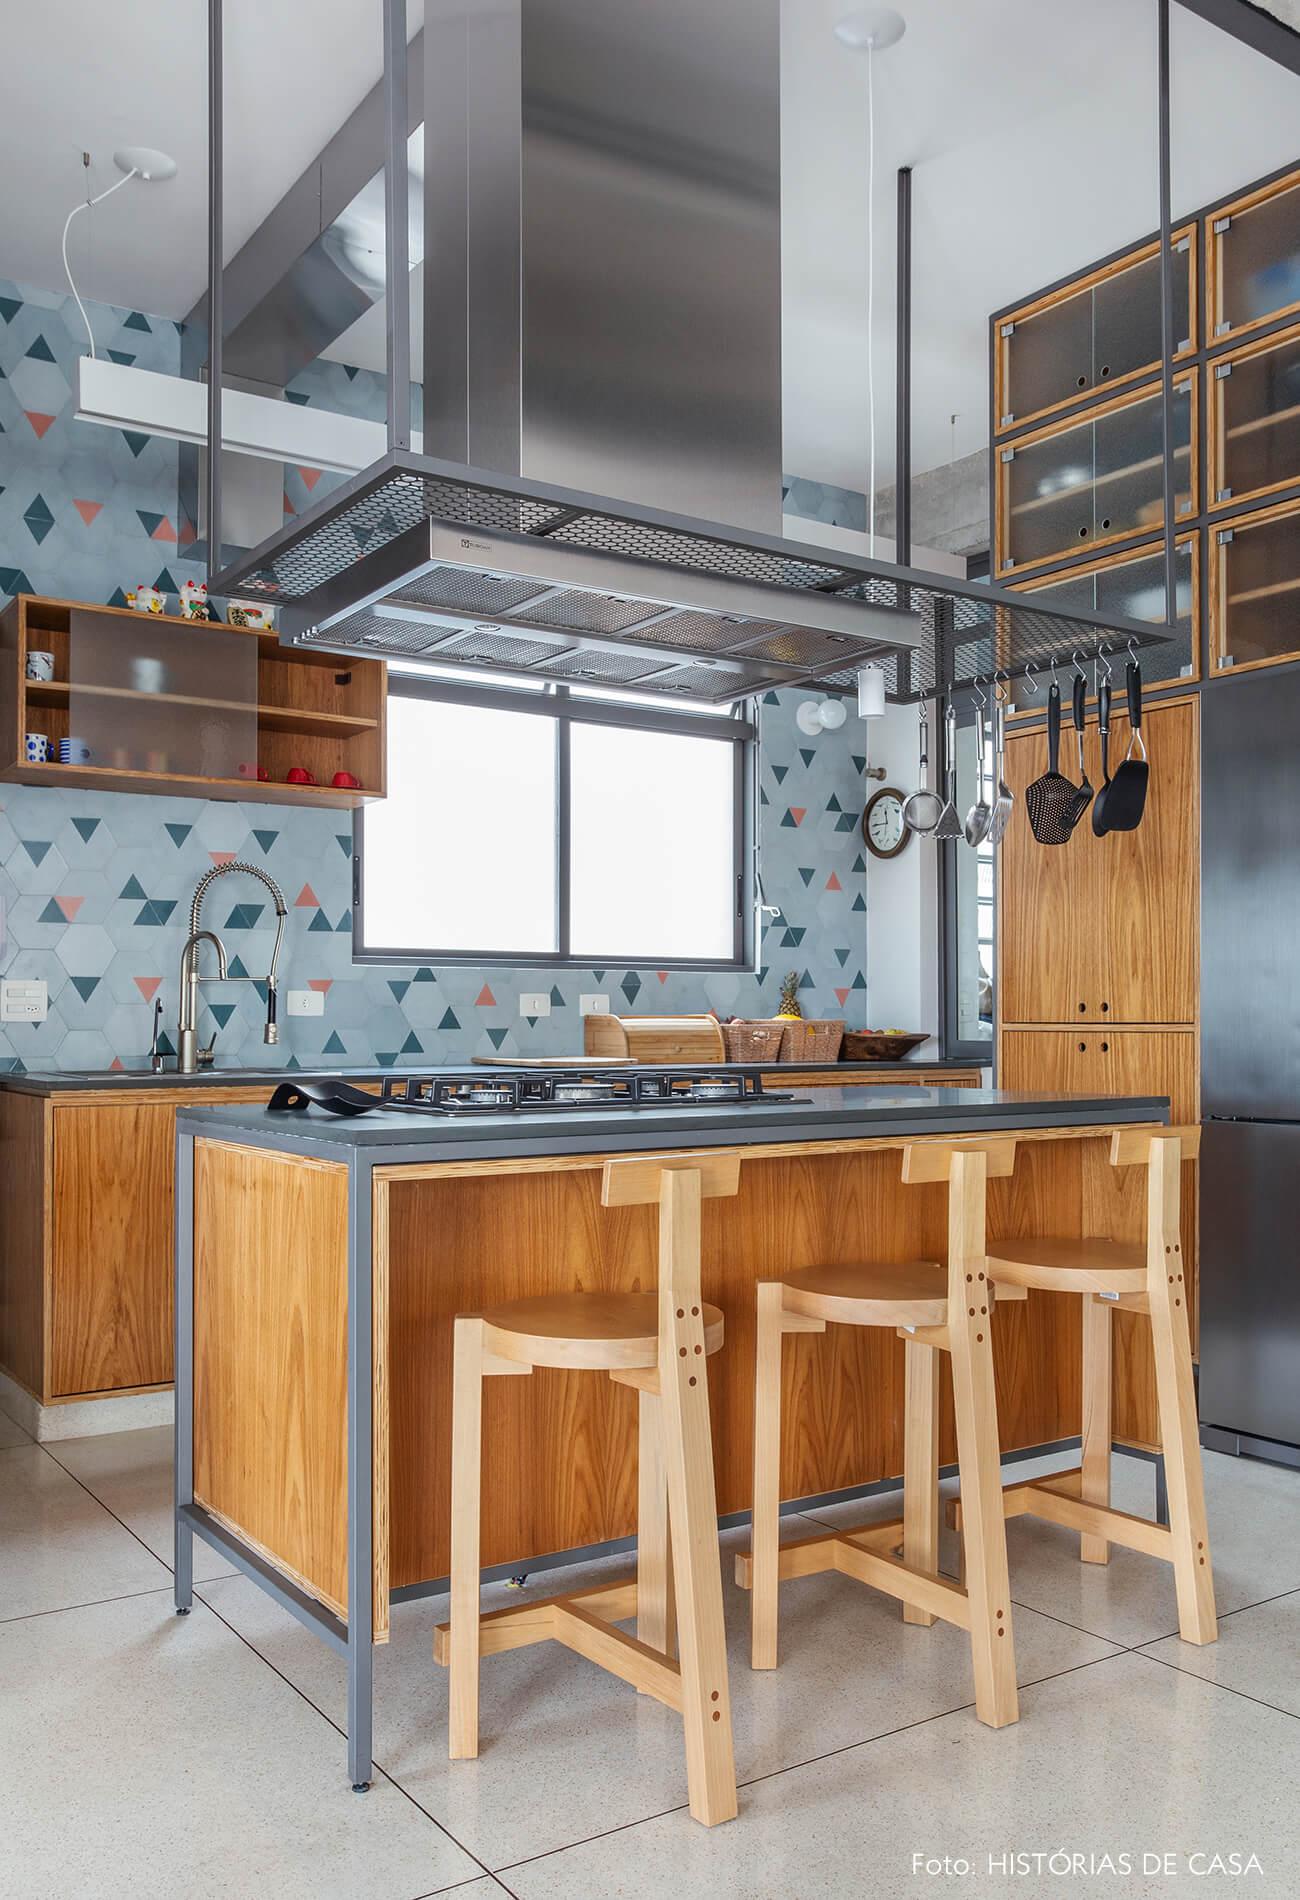 Apartamento reformado com cozinha integrada e parede de ladrilhos